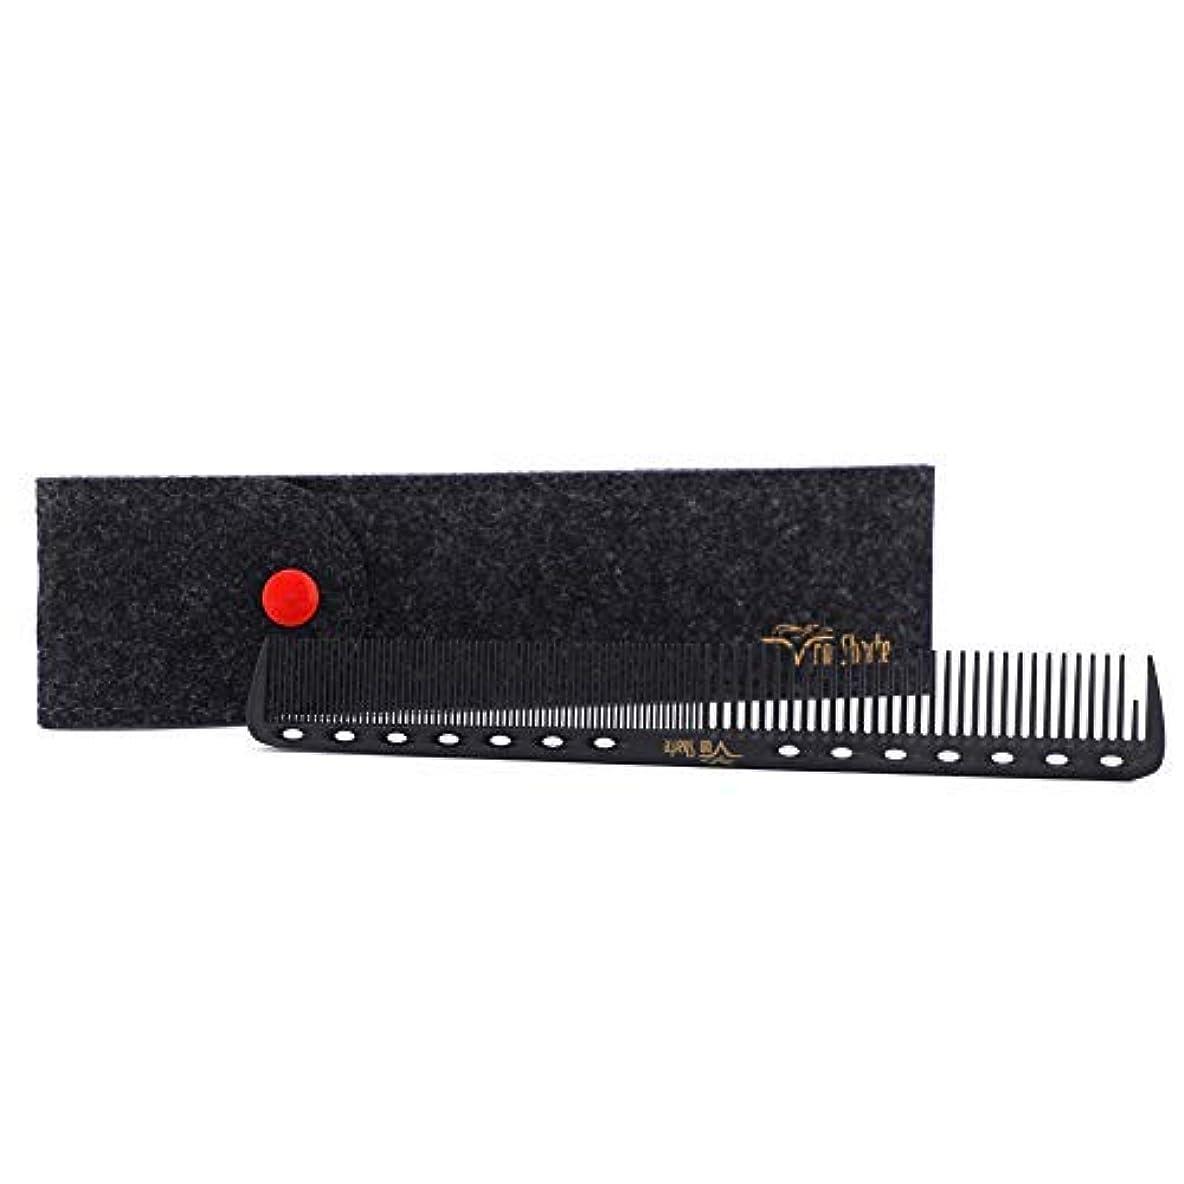 きょうだい吸収原子Barber Comb,Hair Cutting Combs Carbon Fiber Salon Hairdressing Comb 100% Anti Static 230℃ Heat Resistant with...